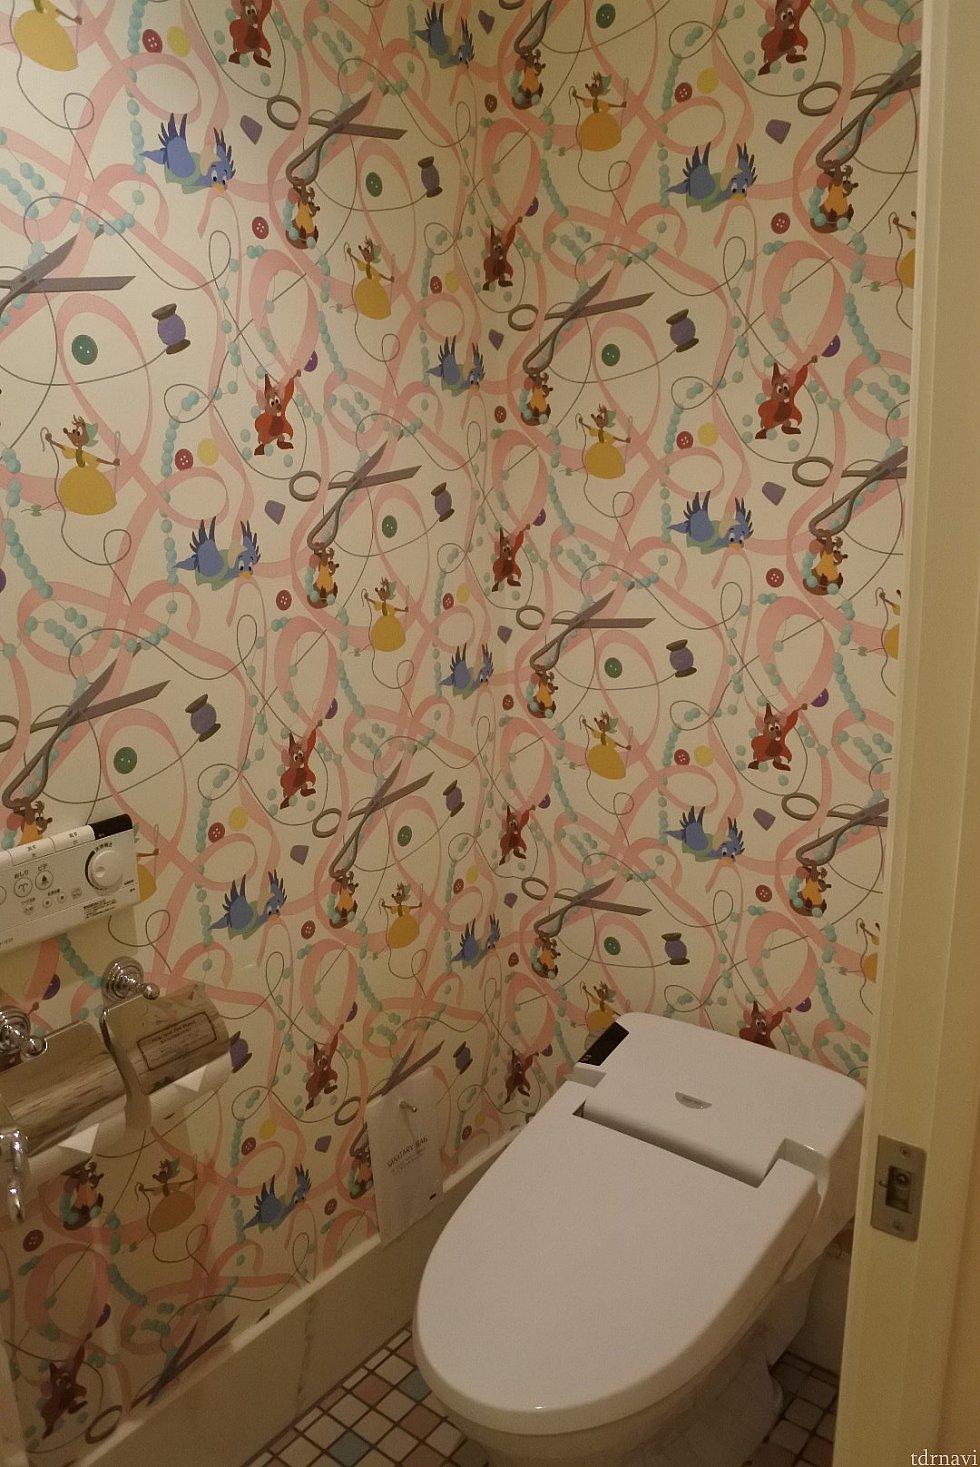 トイレのかわいさにびっくり!カラフルなのがいいなと思います!